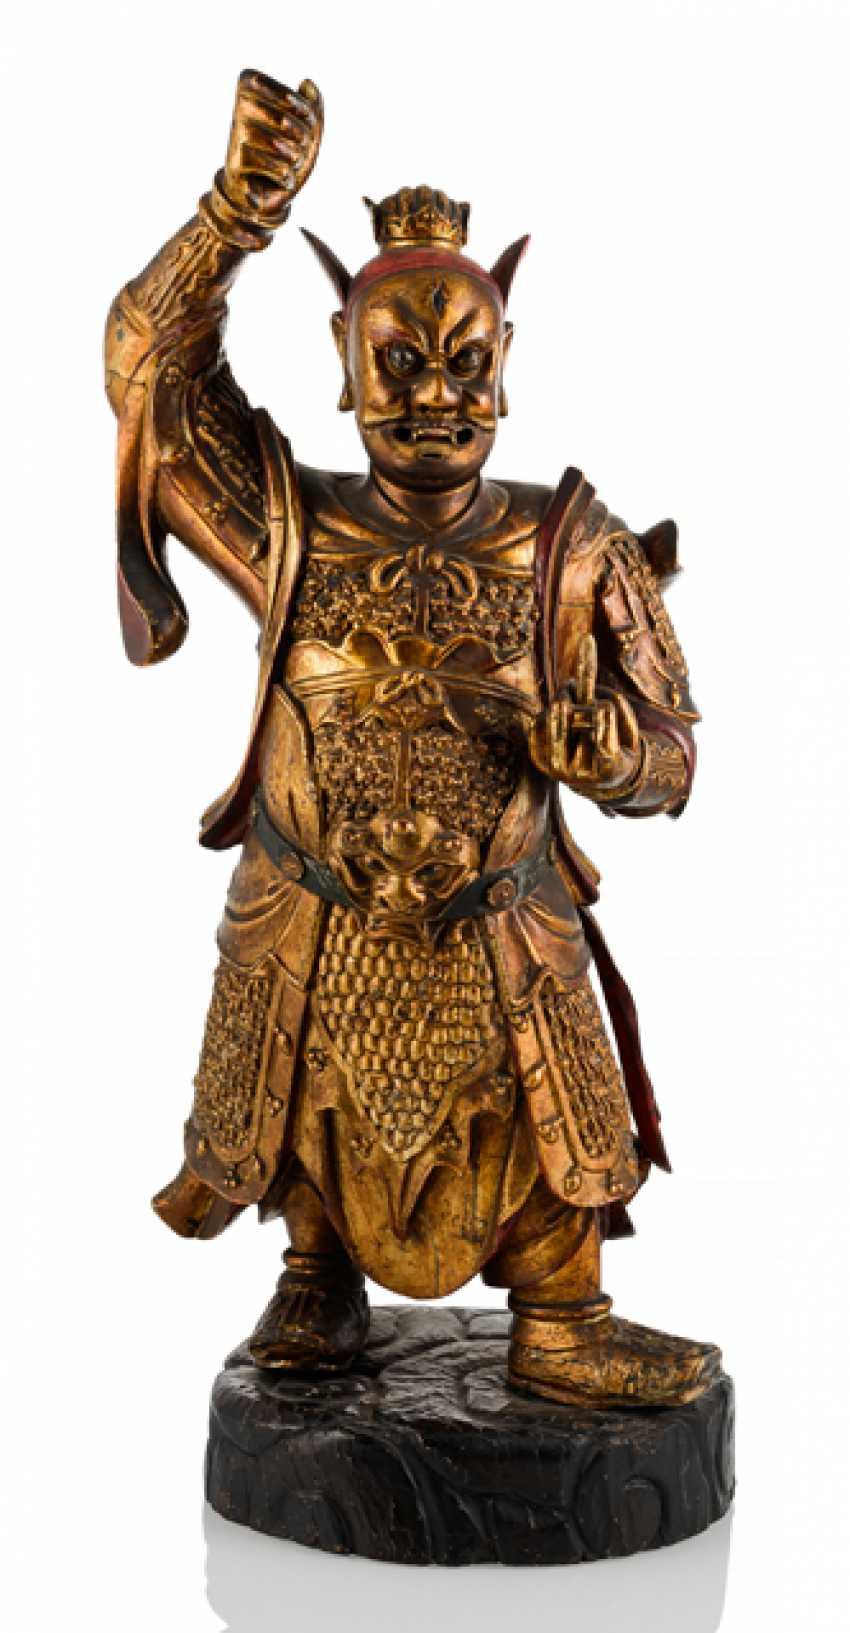 Große Figur der taoistischen Gottheit Marschalls Wang LinGelbgolduang aus Holz mit Lackauflage - photo 1